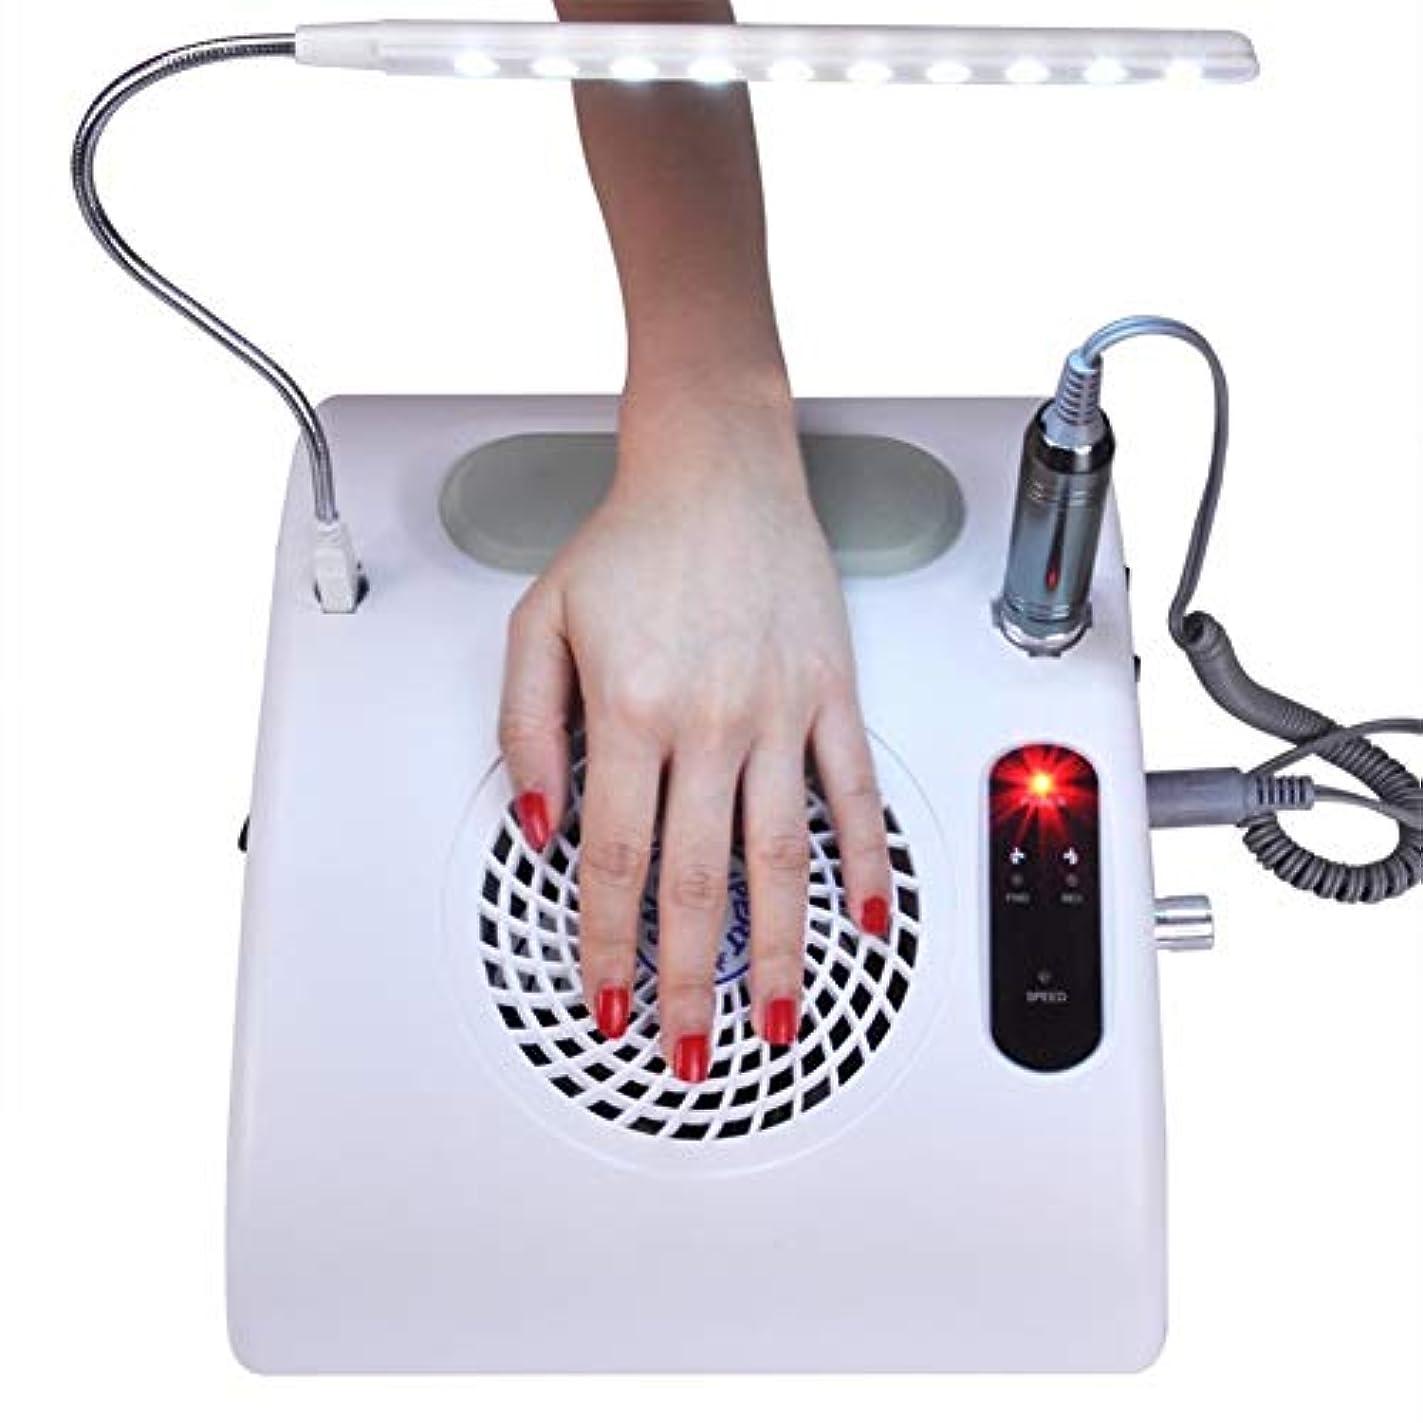 胆嚢リング連想電気ネイルドリル30000RPM 45Wのマニキュア機械の塵の掃除機LEDは1つのネイルアート装置に付き3つをつけます